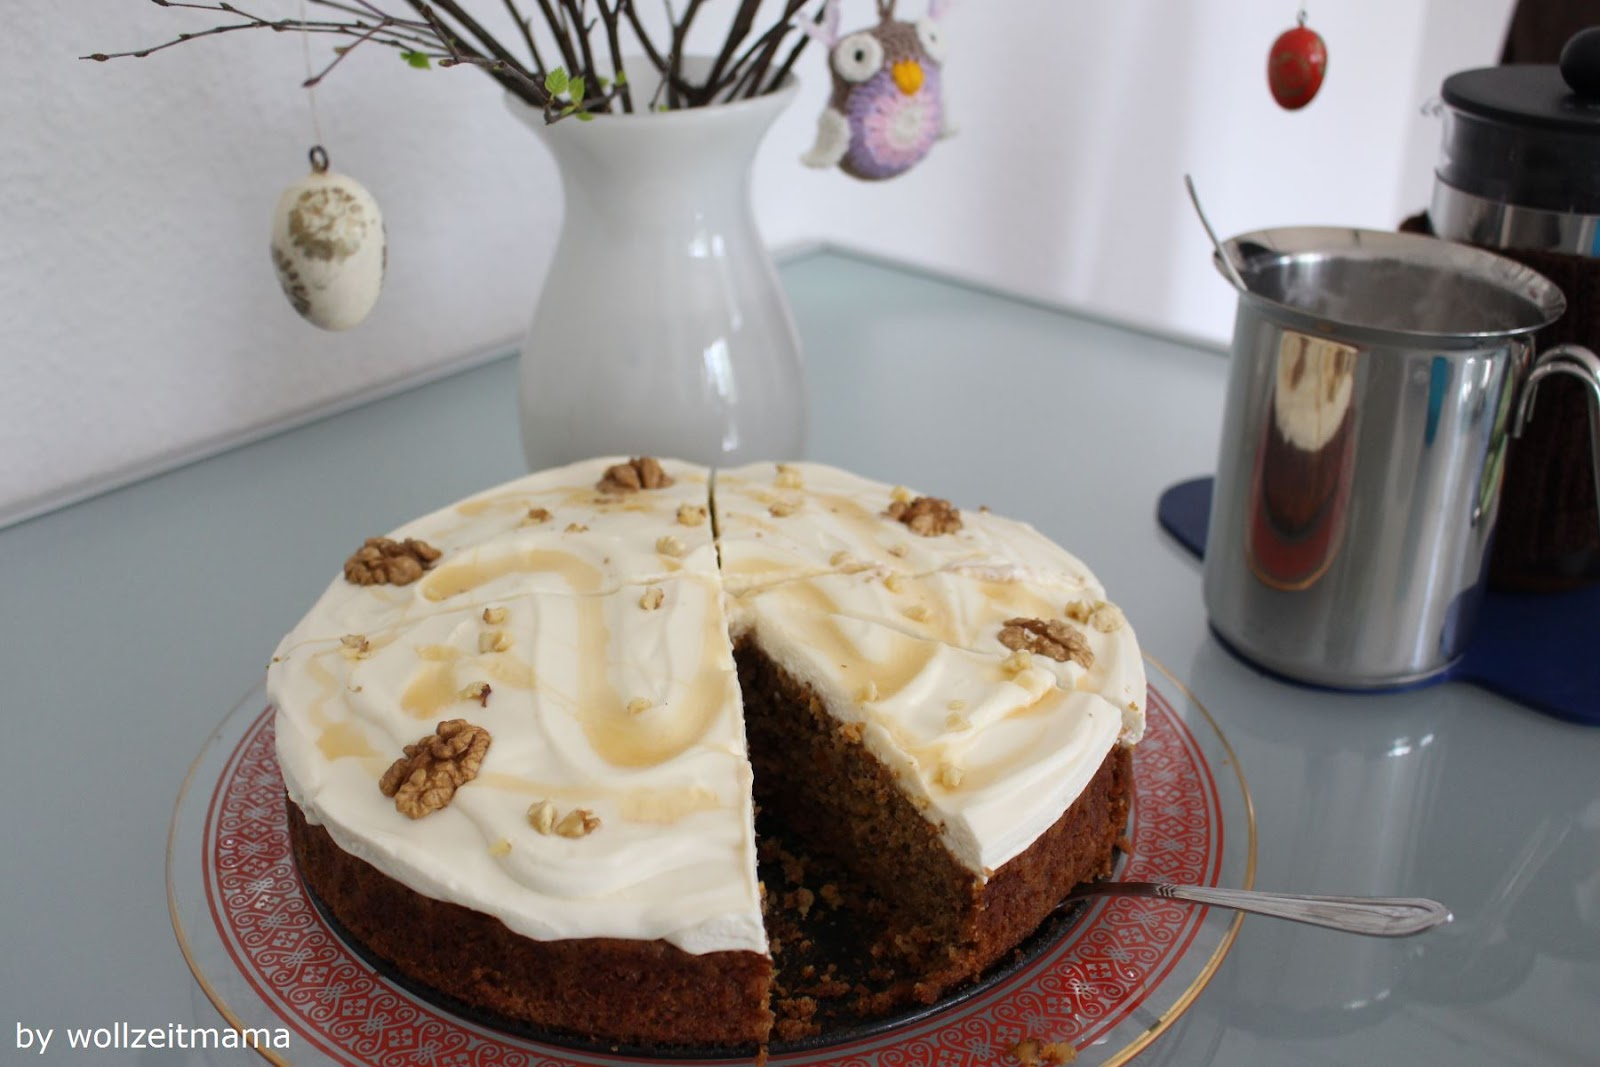 Möhrenkuchen made by wollzeitmama